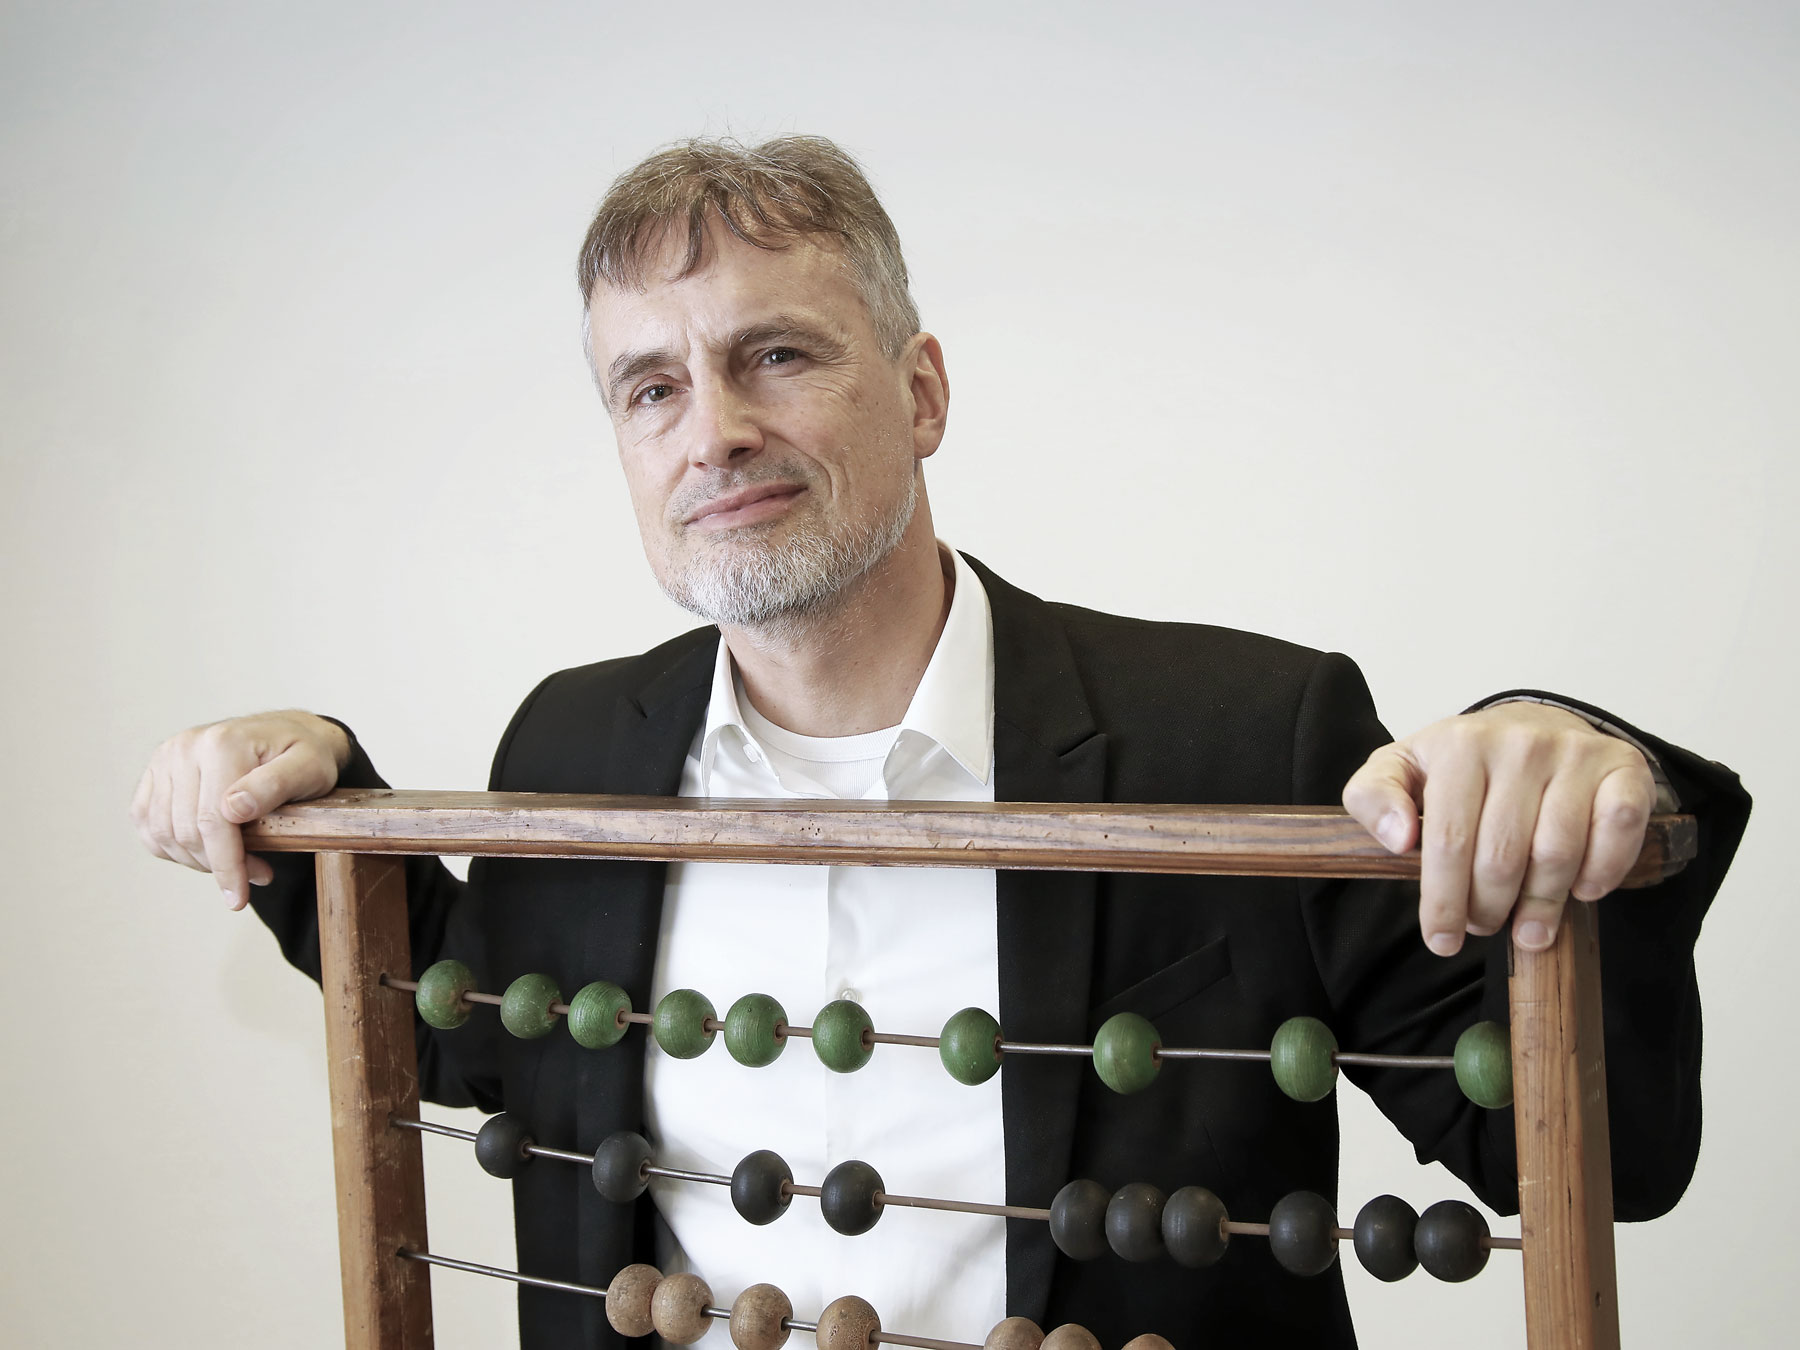 Il ricercatore vuole insegnare ai computer persino il senso dell'umorismo e l'amore: Jürgen Schmidhuber con un abaco a Manno.